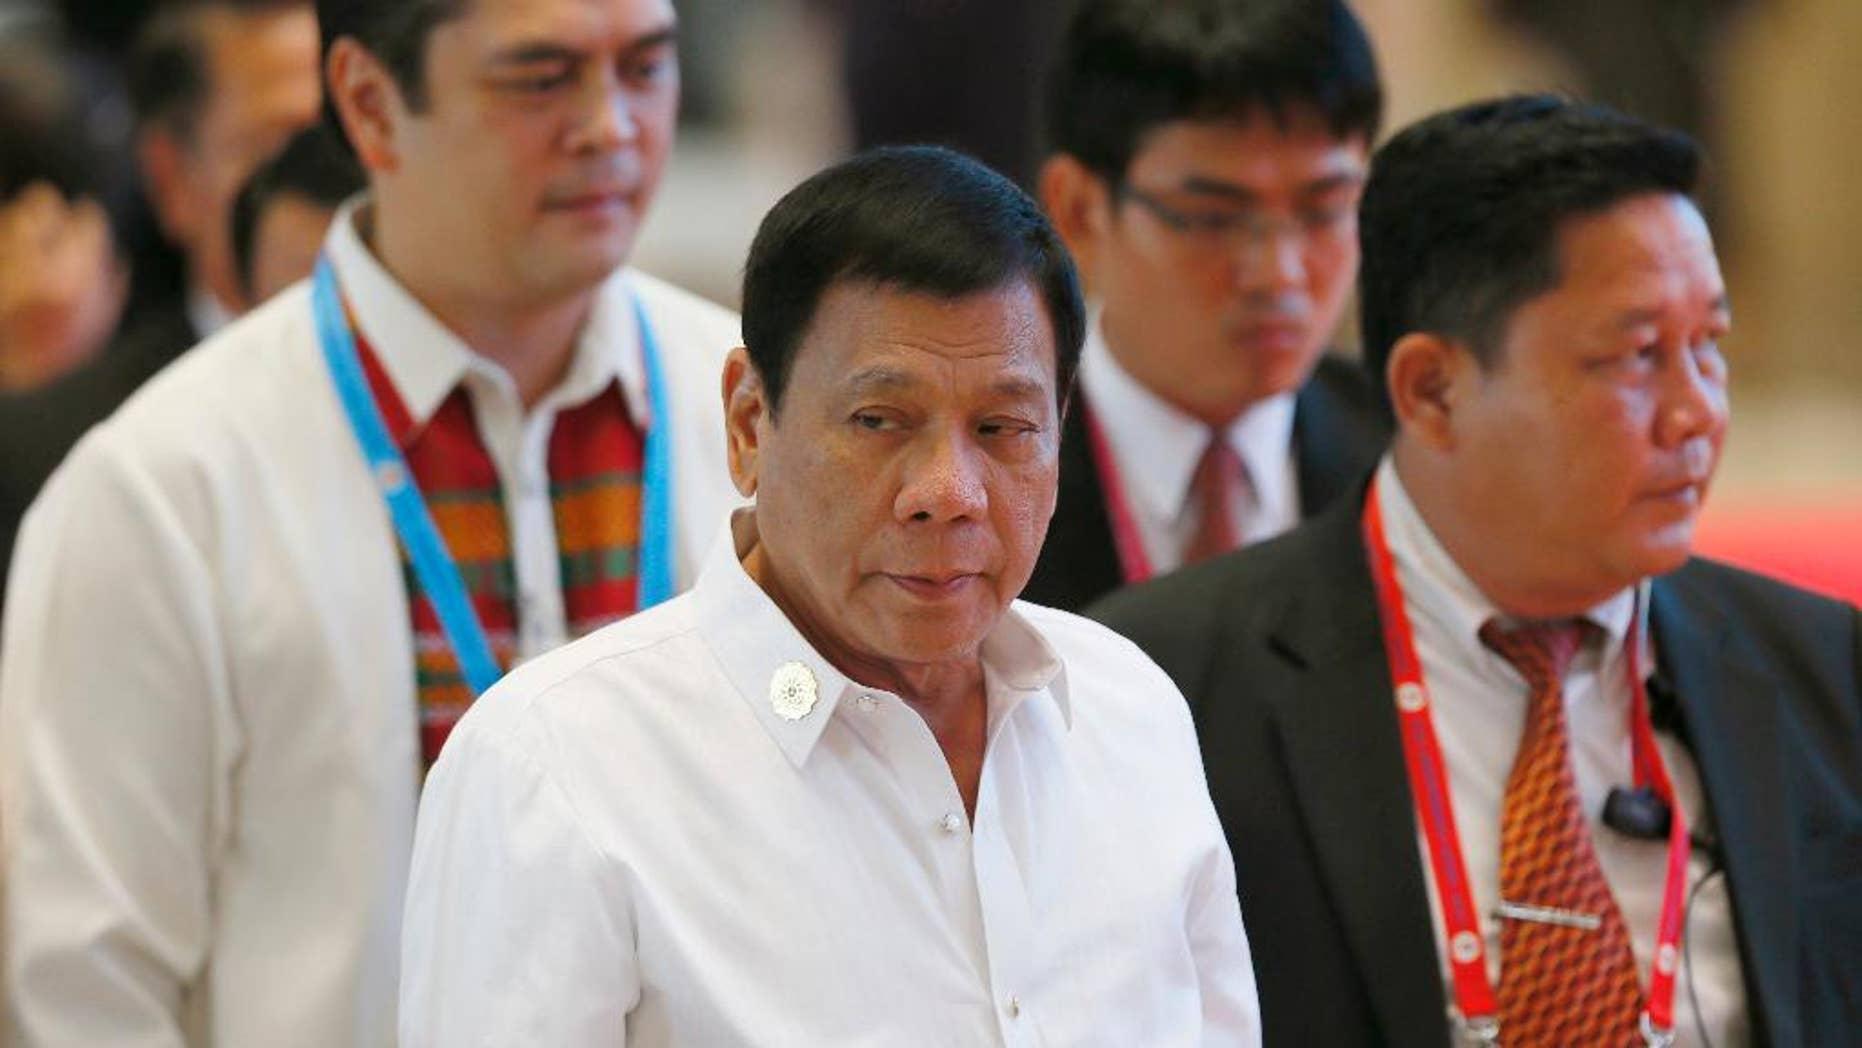 El presidente de Filipinas, Rodrigo Duterte (centro), a su llegada al Centro Nacional de Convenciones para reuniones bilaterales con líderes de ASEAN durante una cumbre del grupo, el 6 de septiembre de 2016 en Vientiane, Laos. (AP Foto/Bullit Marquez)